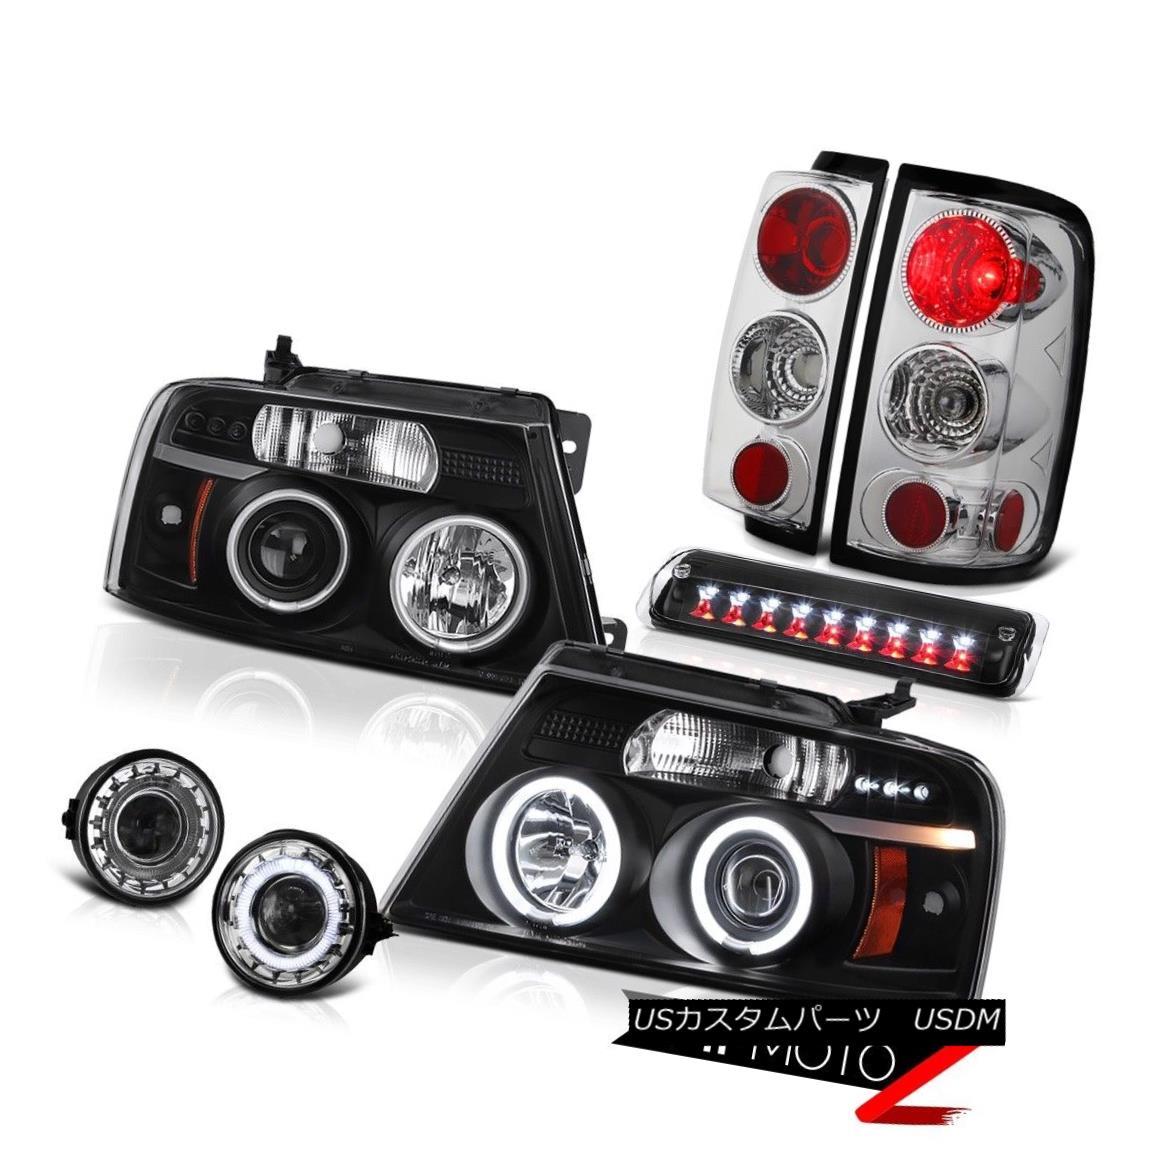 テールライト 2006-2008 Ford F150 STX Fog Lights Roof Brake Lamp Headlamps Tail Projector LED 2006-2008フォードF150 STXフォグライトルーフブレーキランプヘッドランプテールプロジェクターLED